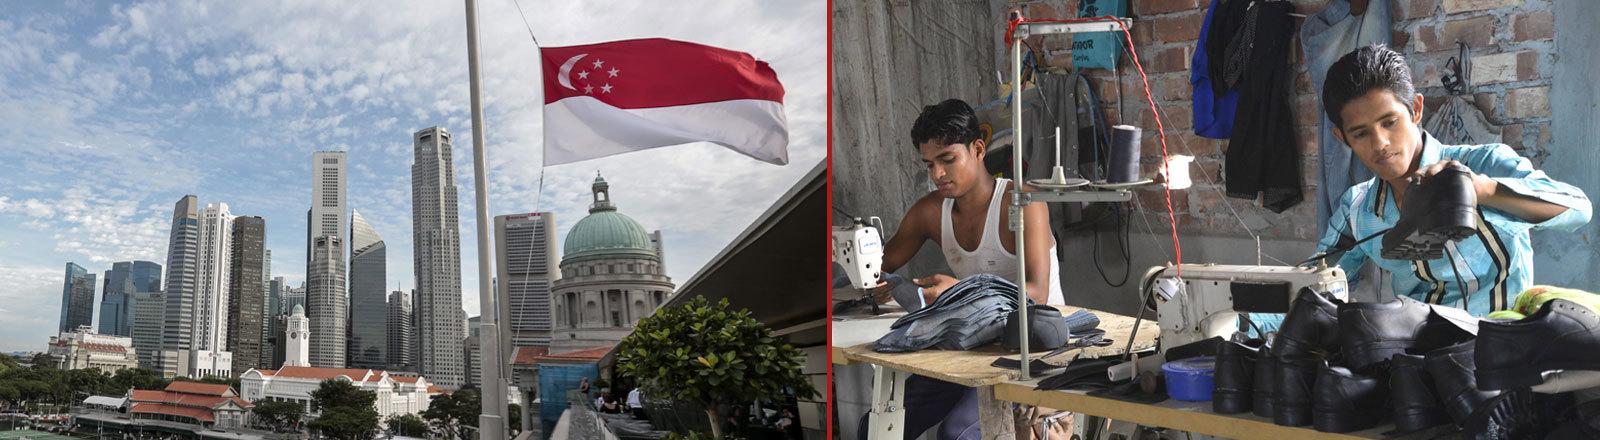 Singapur Skyline und Flagge, Arbeiter aus Bangladesh